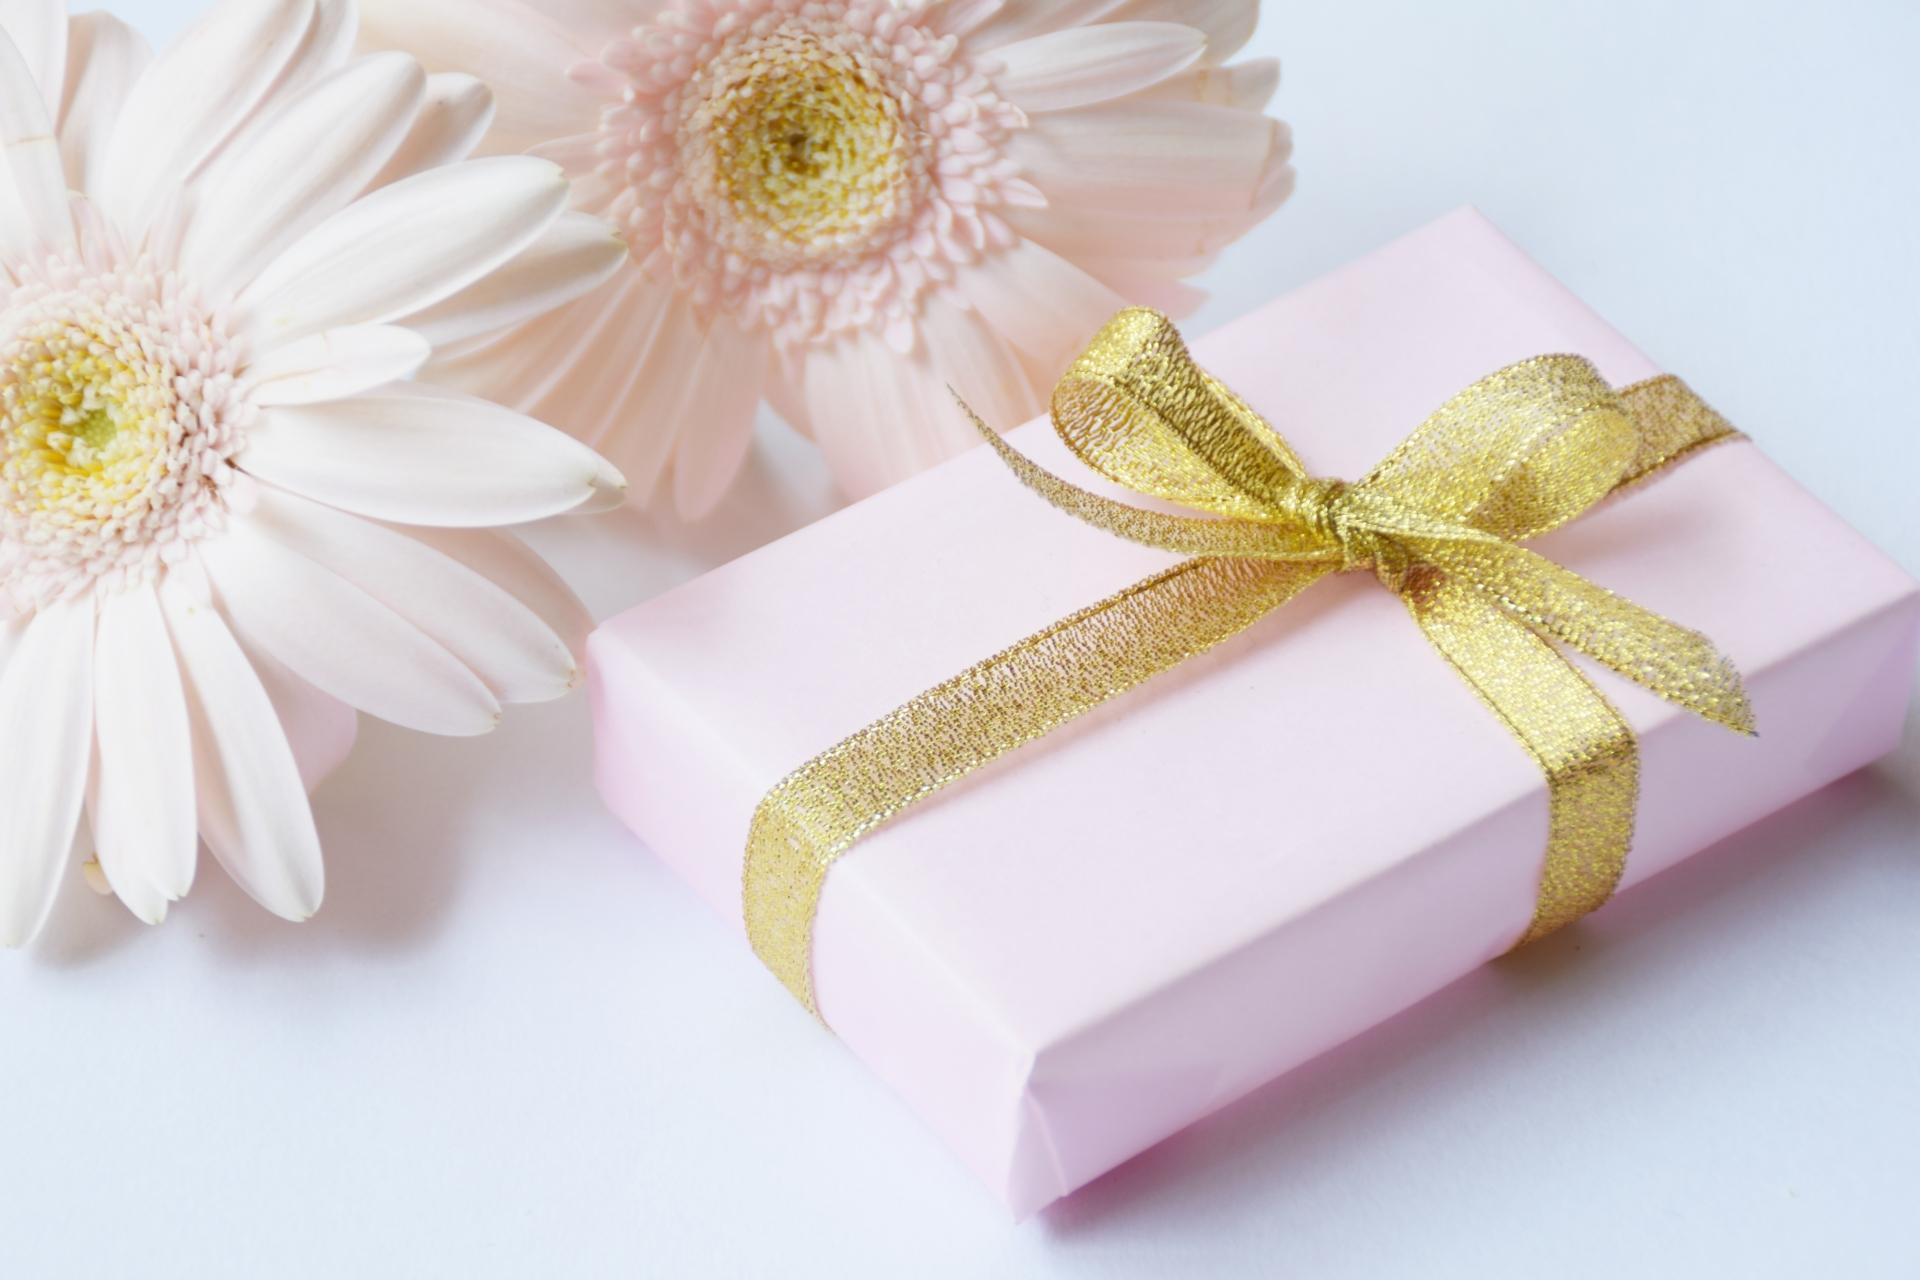 妊婦さんへのプレゼントおすすめ15選!妊娠祝いにも